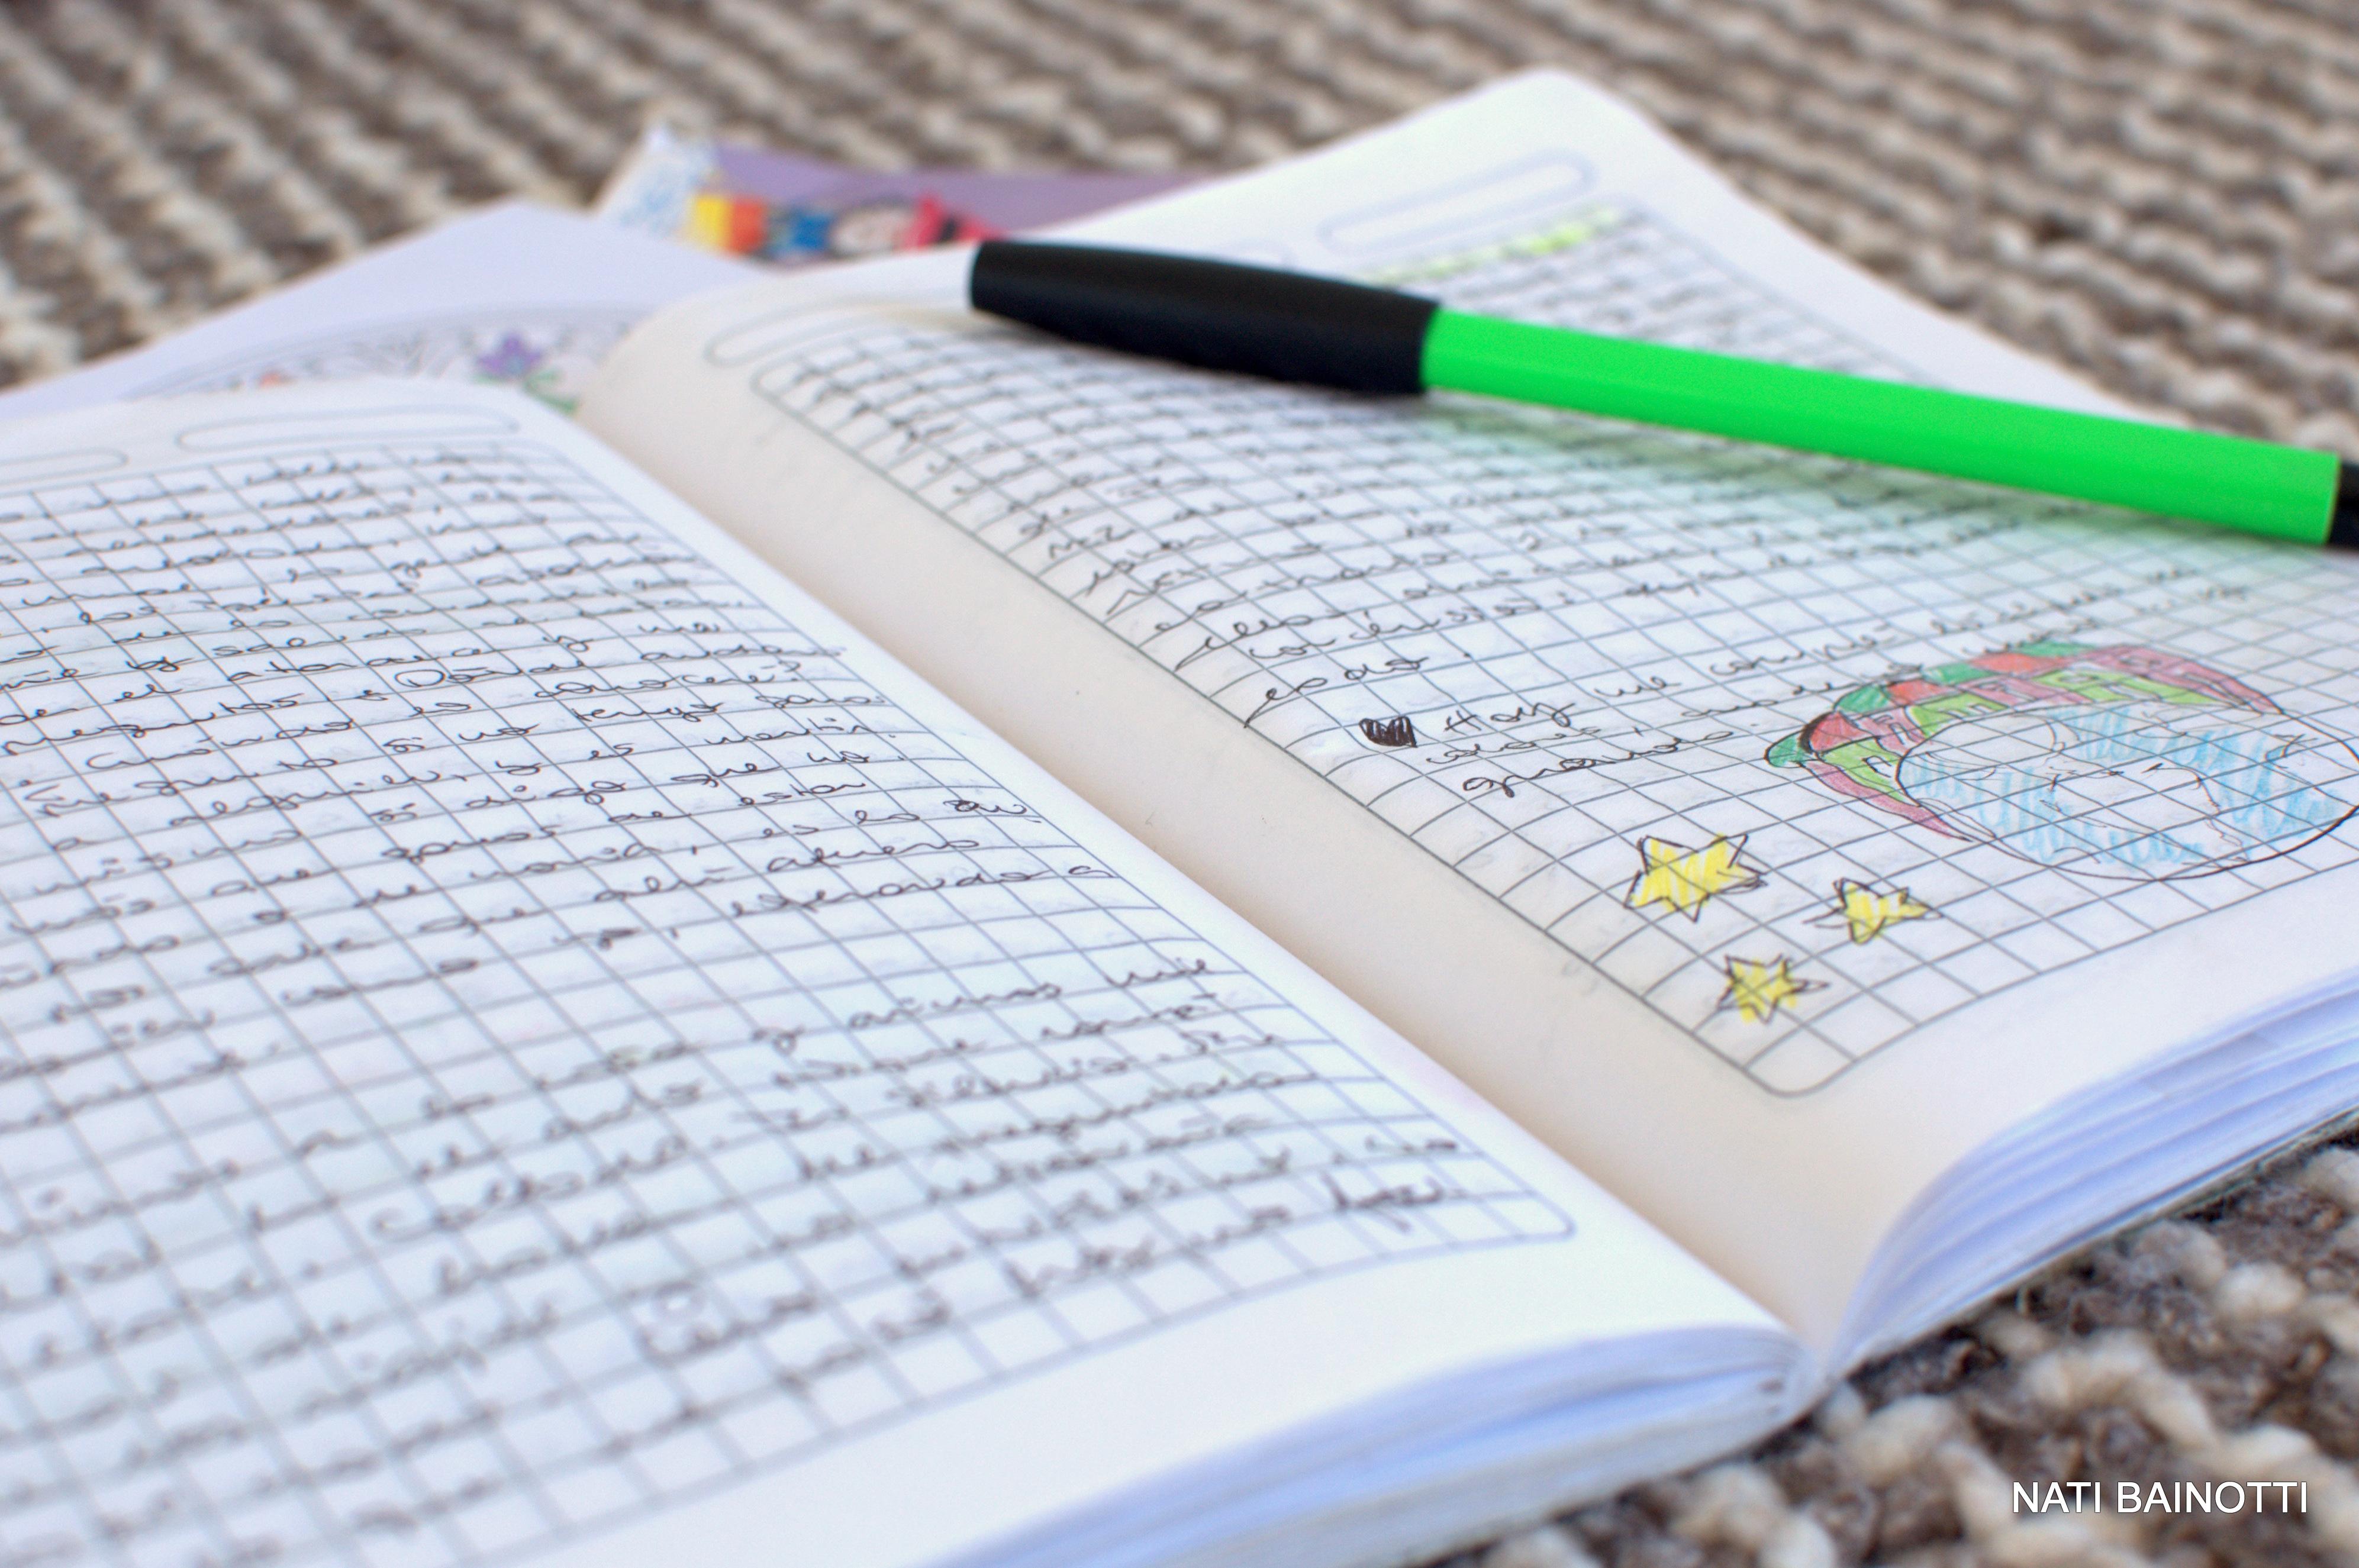 cuadernos-ecuador-nati-bainotti-mi-vida-en-una-mochila